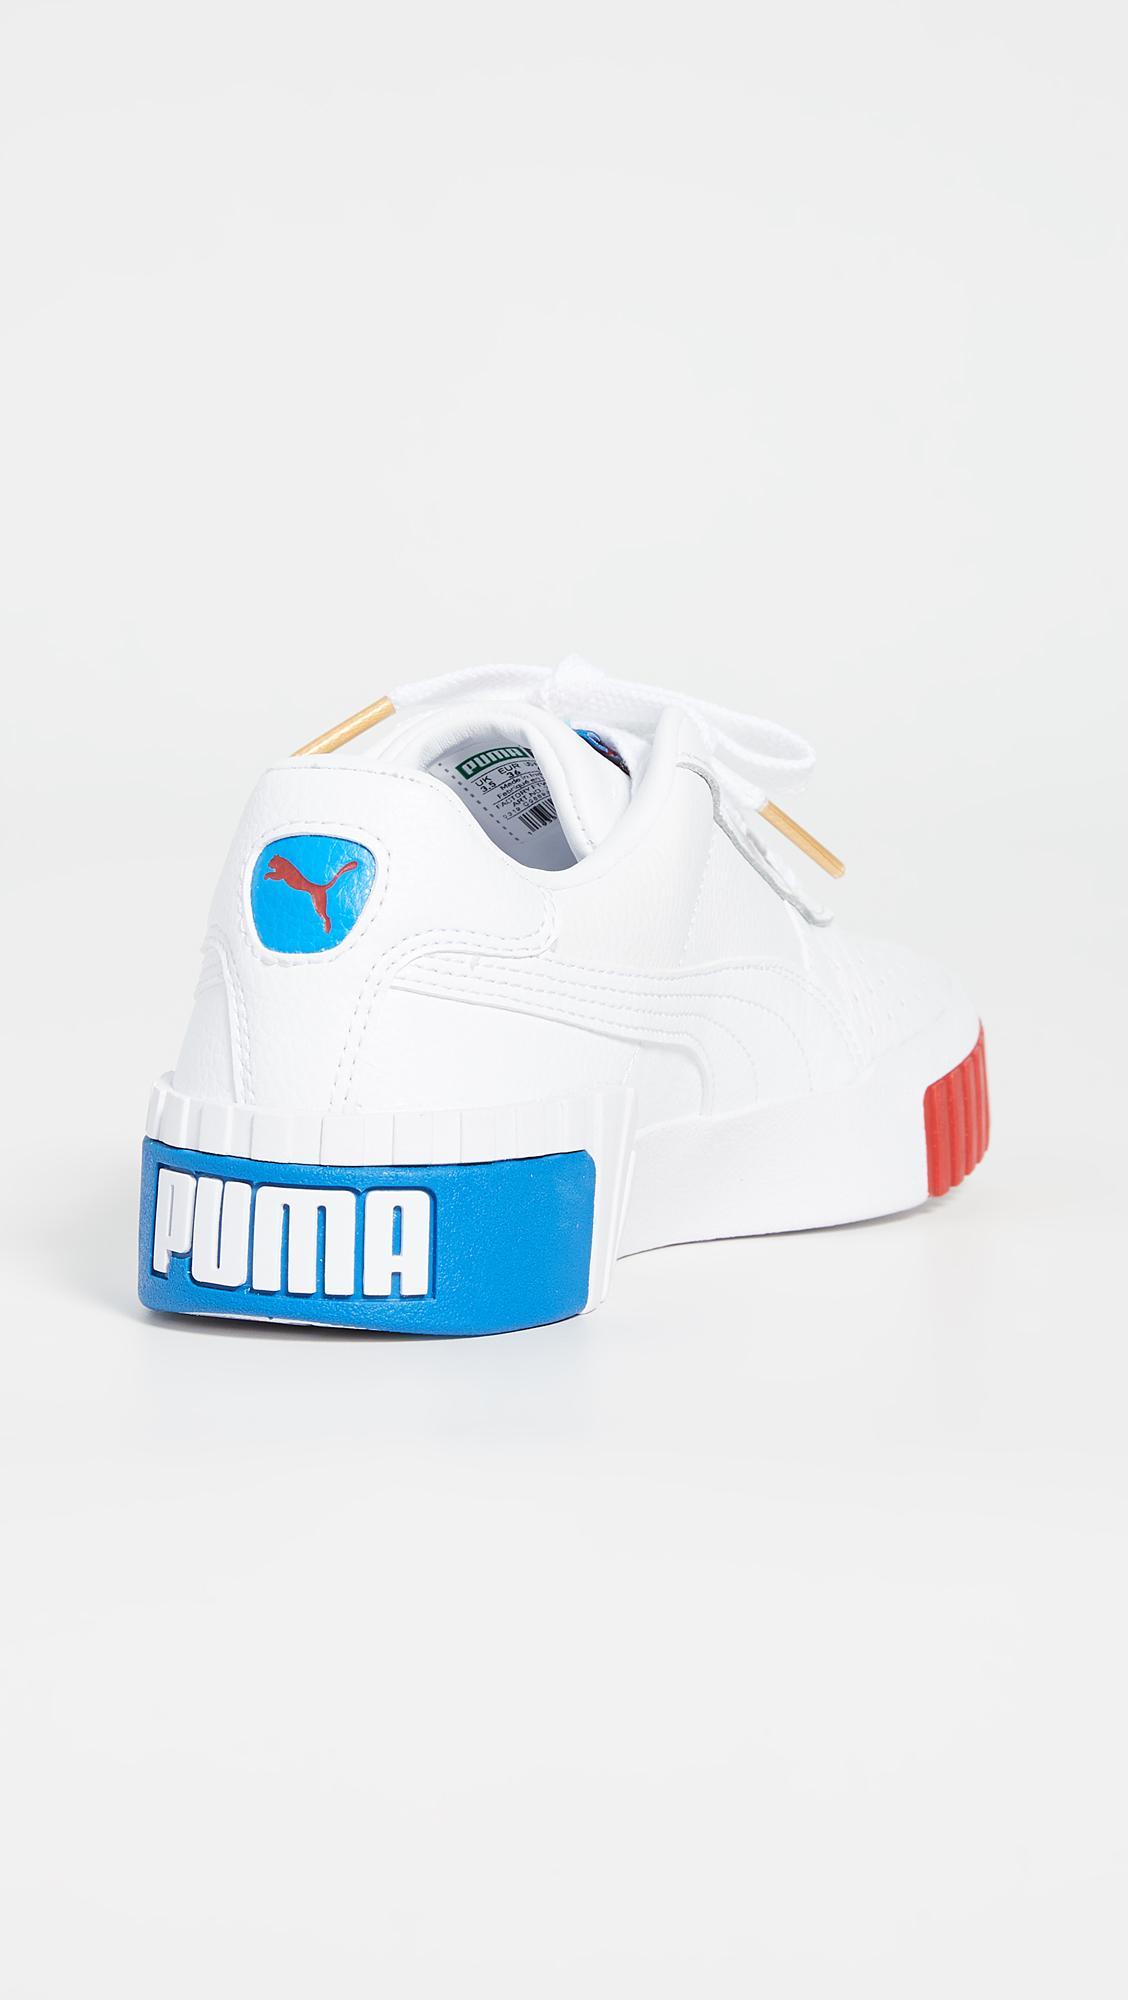 PUMA Leather Cali Rwb Sneakers in Blue